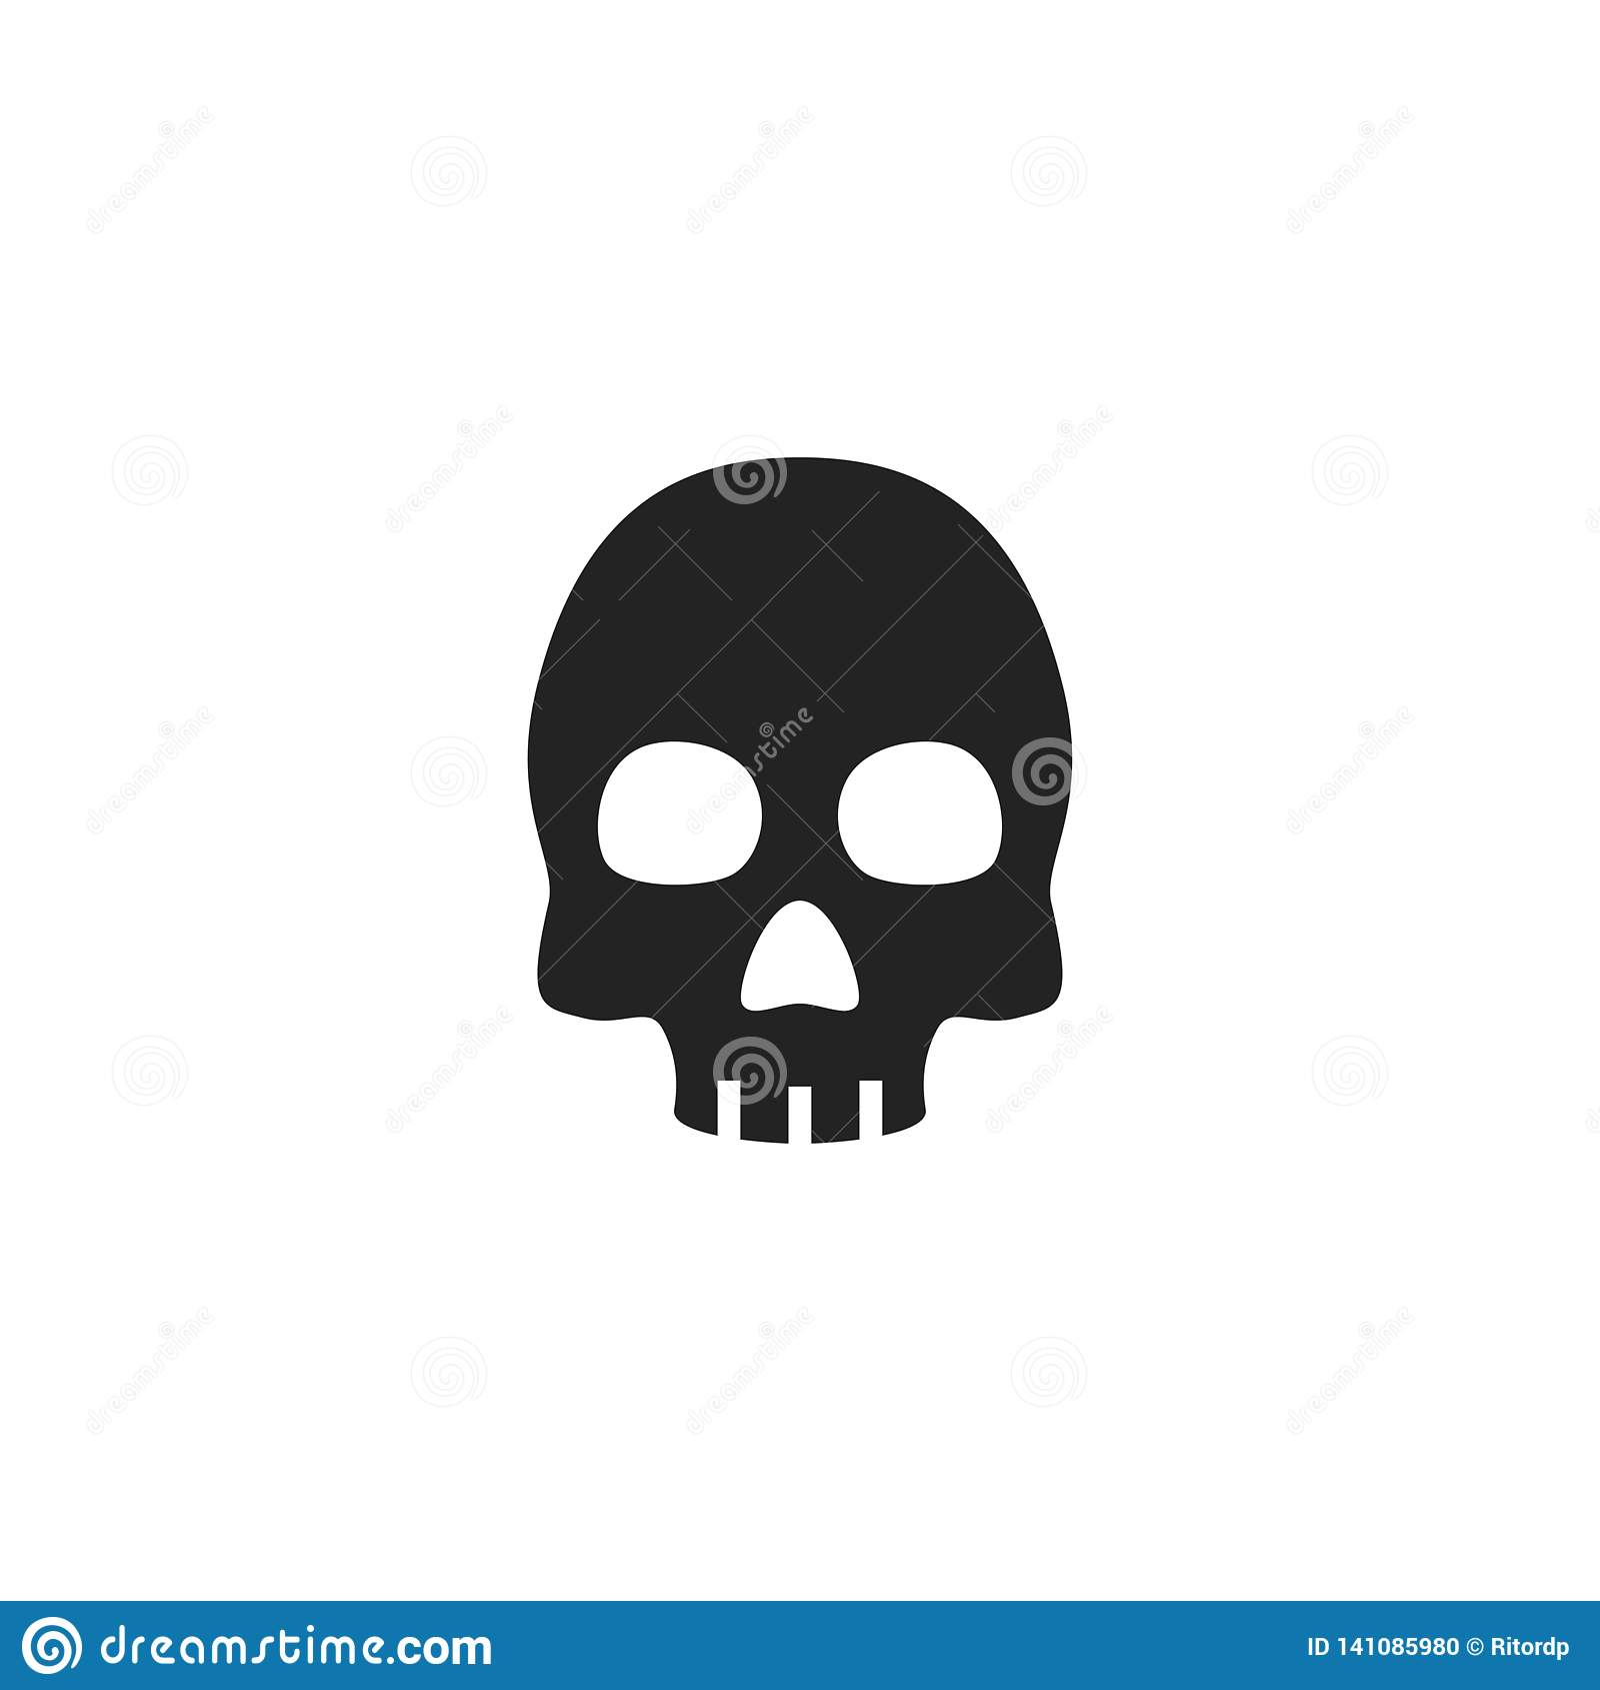 Icona, simbolo o logo di vettore di glifo del cranio